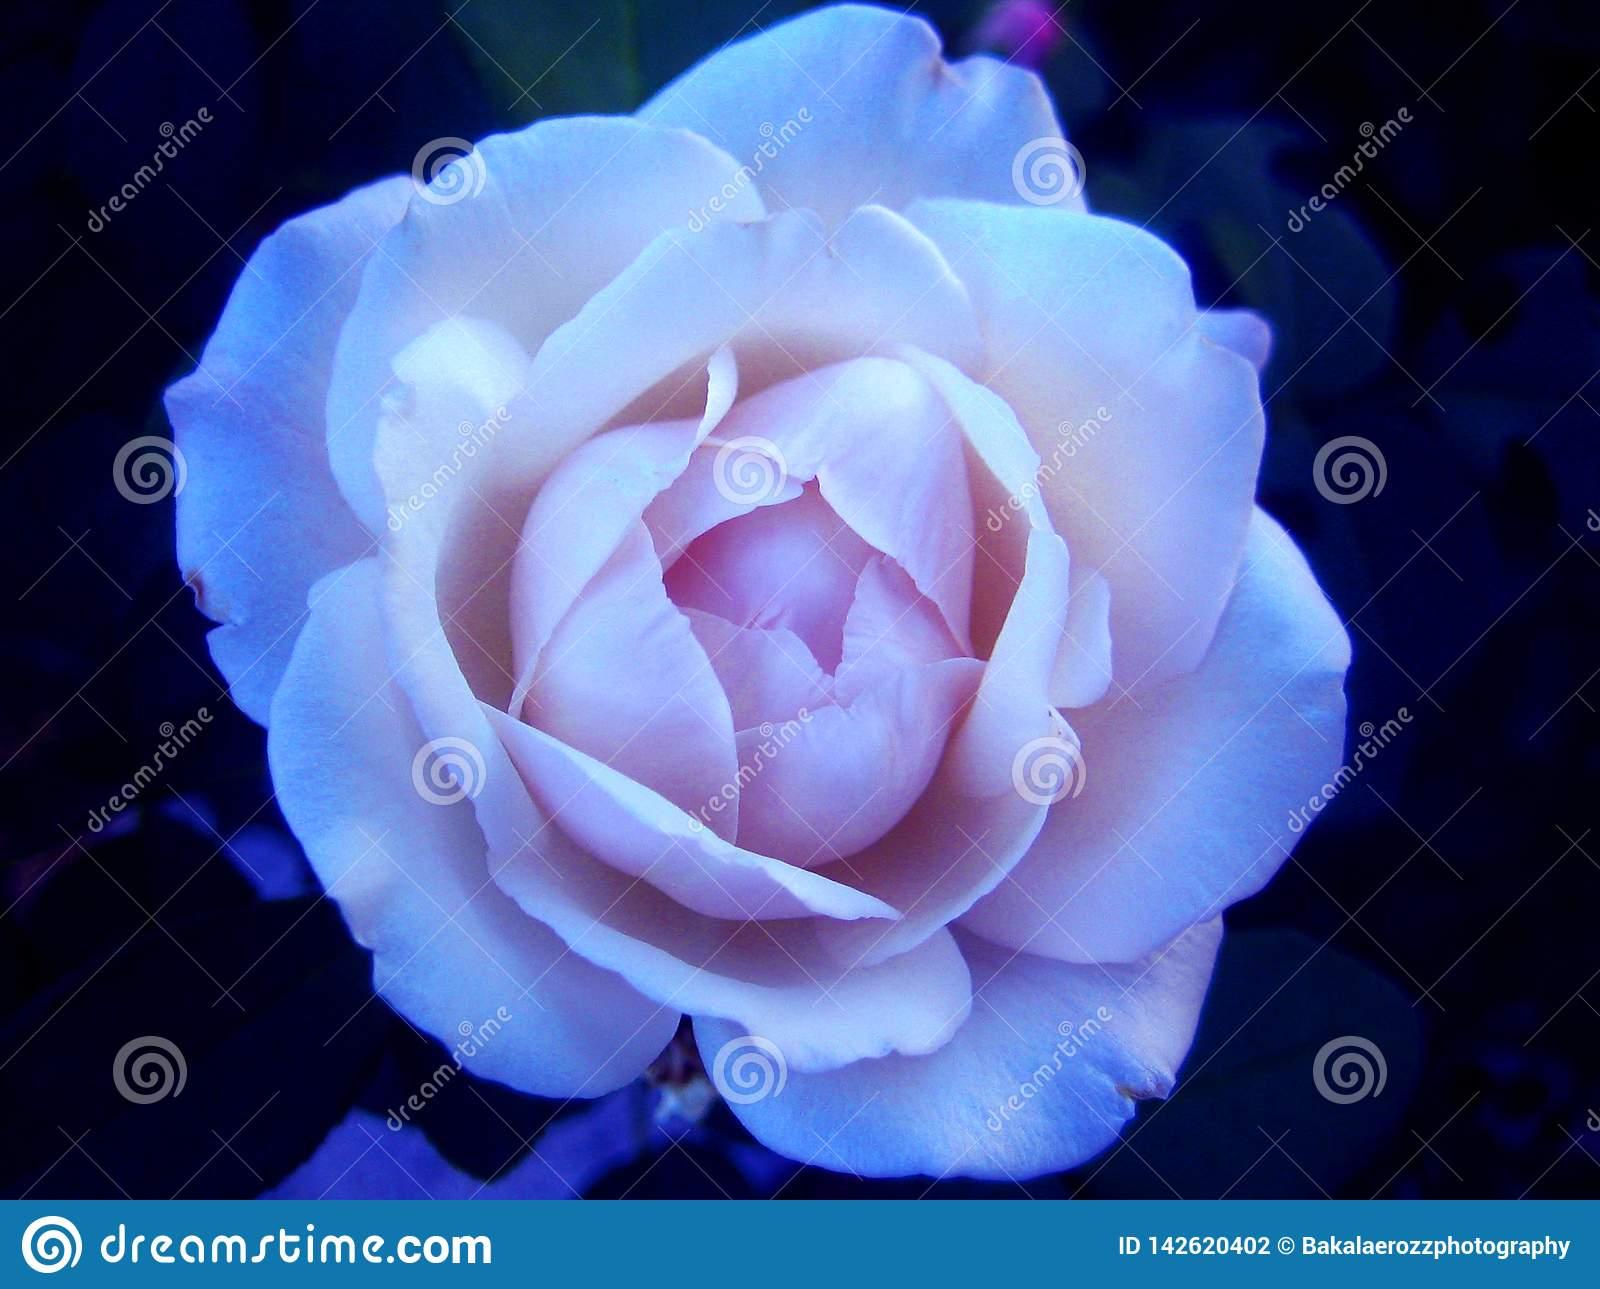 صور ورد جميل صور ورد رومانسى HD 2020 معلومات عن الورد 7